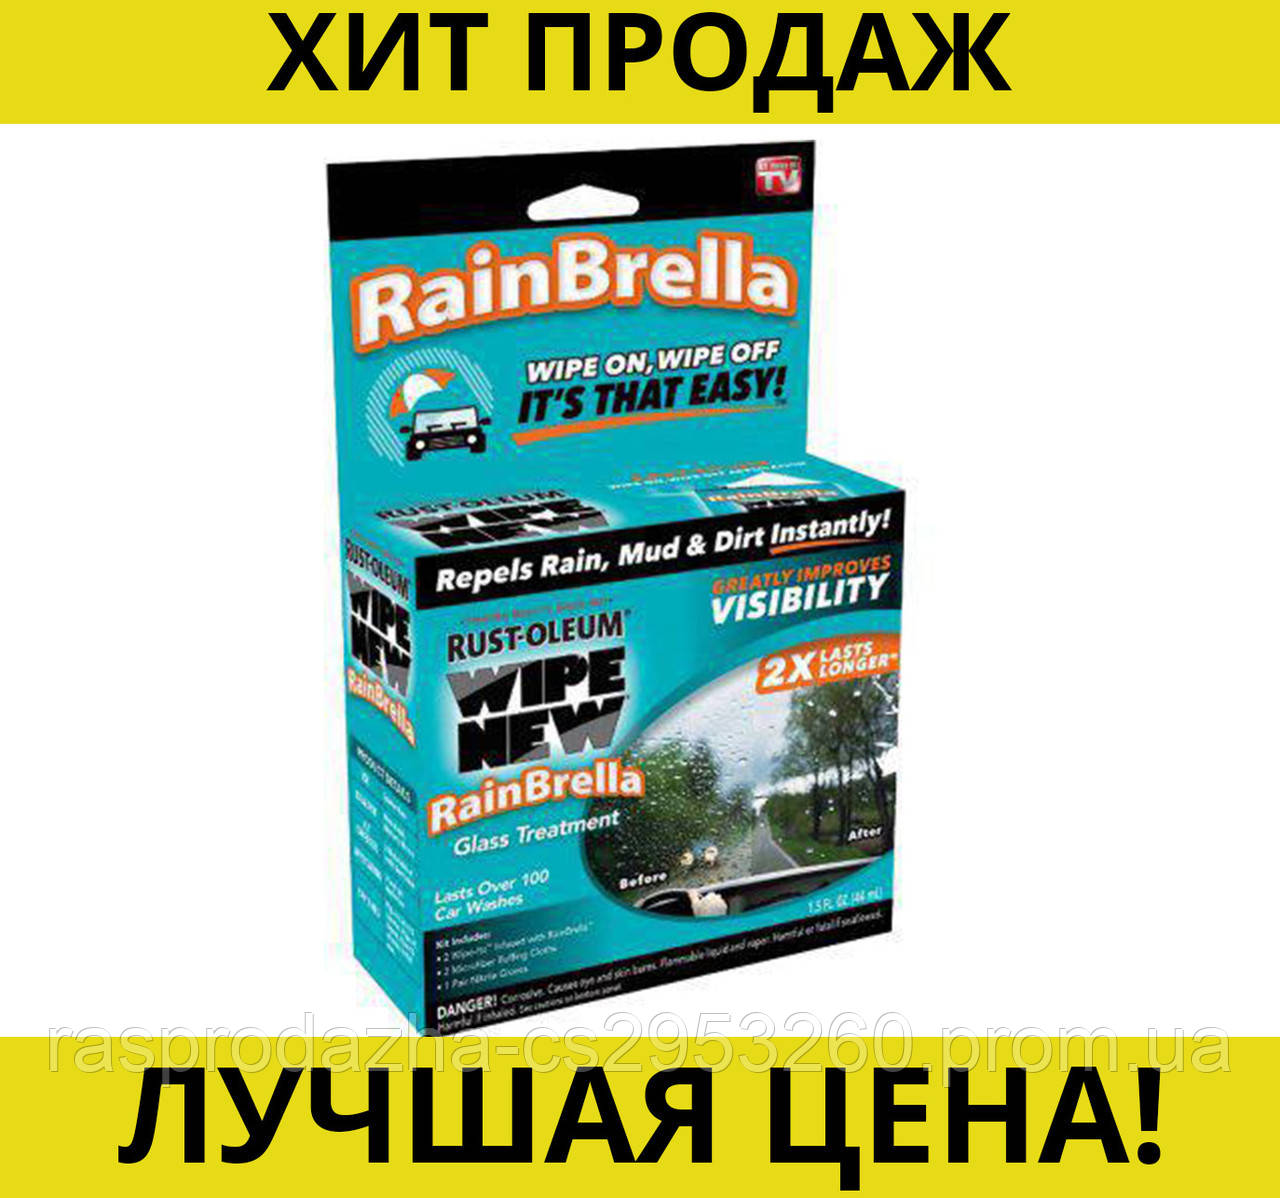 Средство для защиты стекла от дождя rainbrella - Wipe New windshield!Спешите Купить